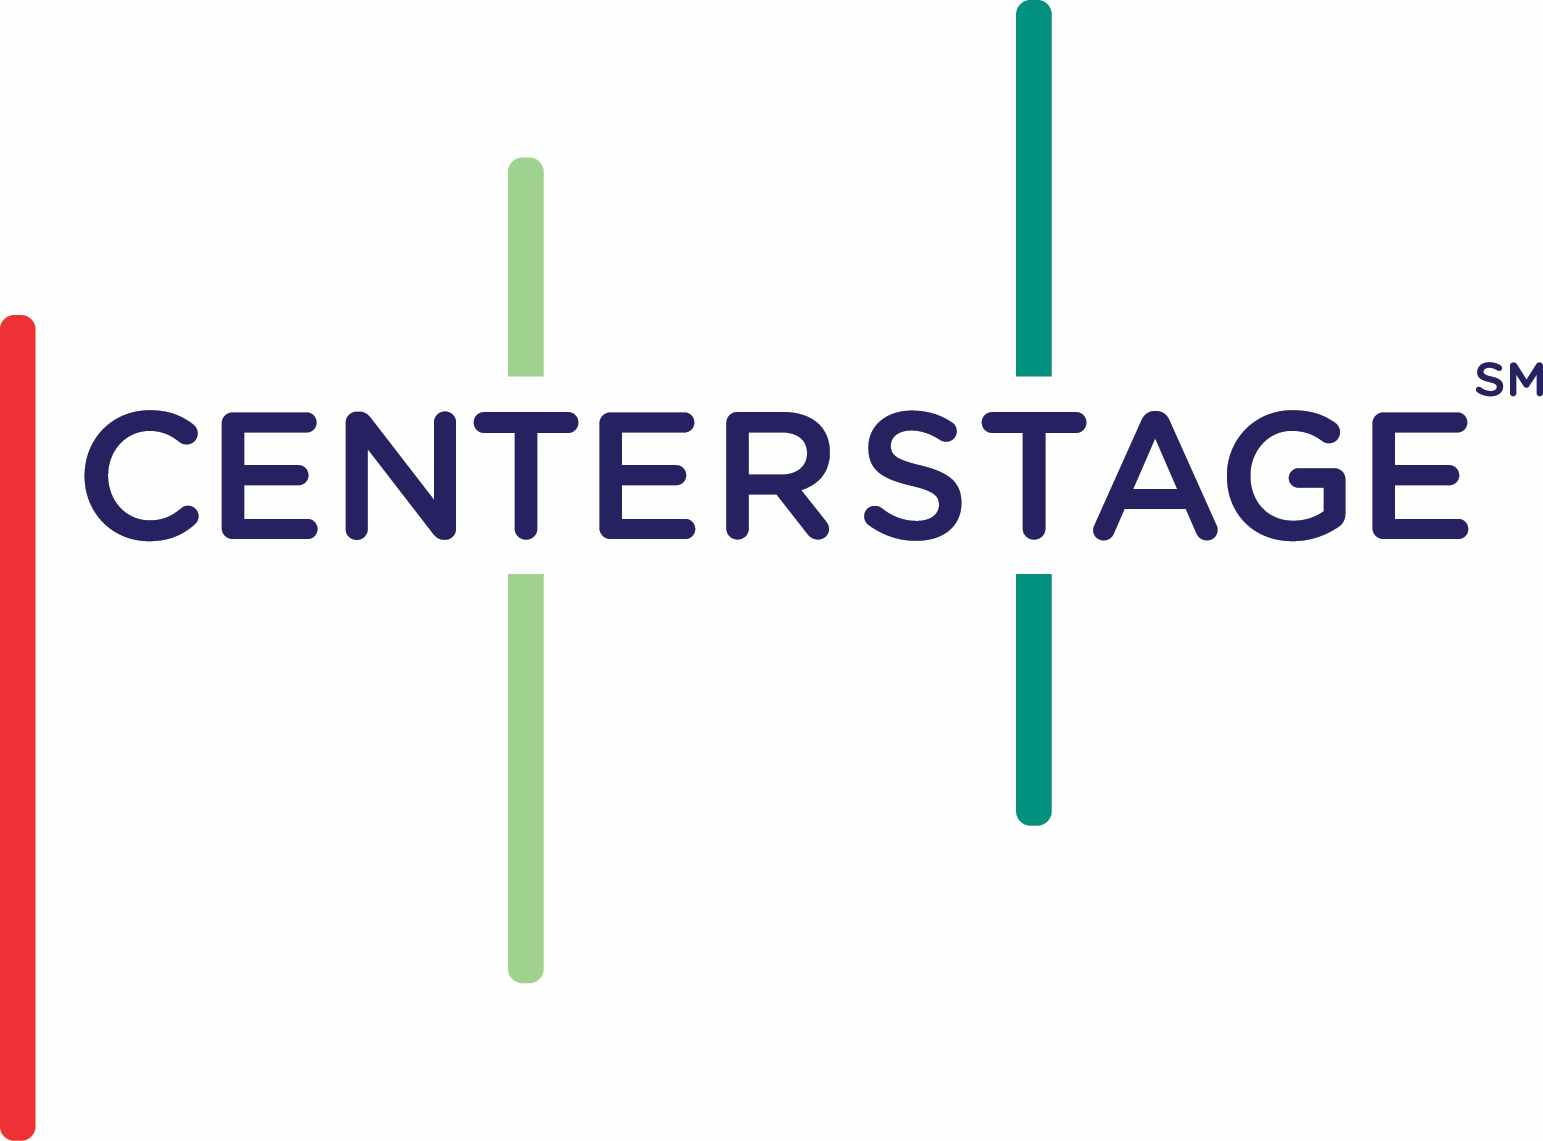 centerstage_logo_fullcolor.png